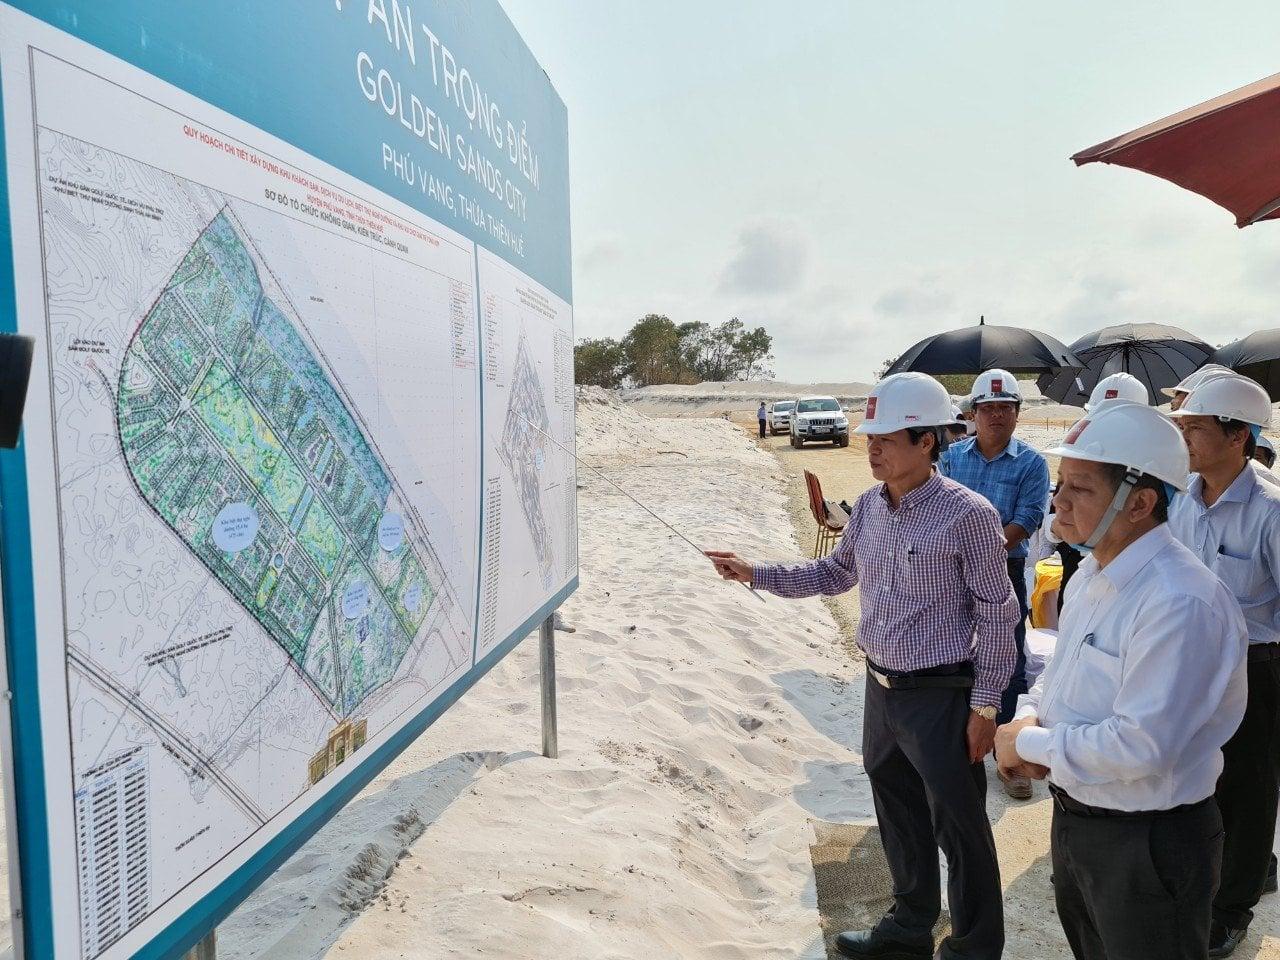 Chủ tịch UBND tỉnh Thừa Thiên Huế Phan Ngọc Thọ kiểm tra tiến độ xây dựng Dự án Khu khách sạn, dịch vụ nghĩ dưỡng, biệt thự của tập đoàn BRG.